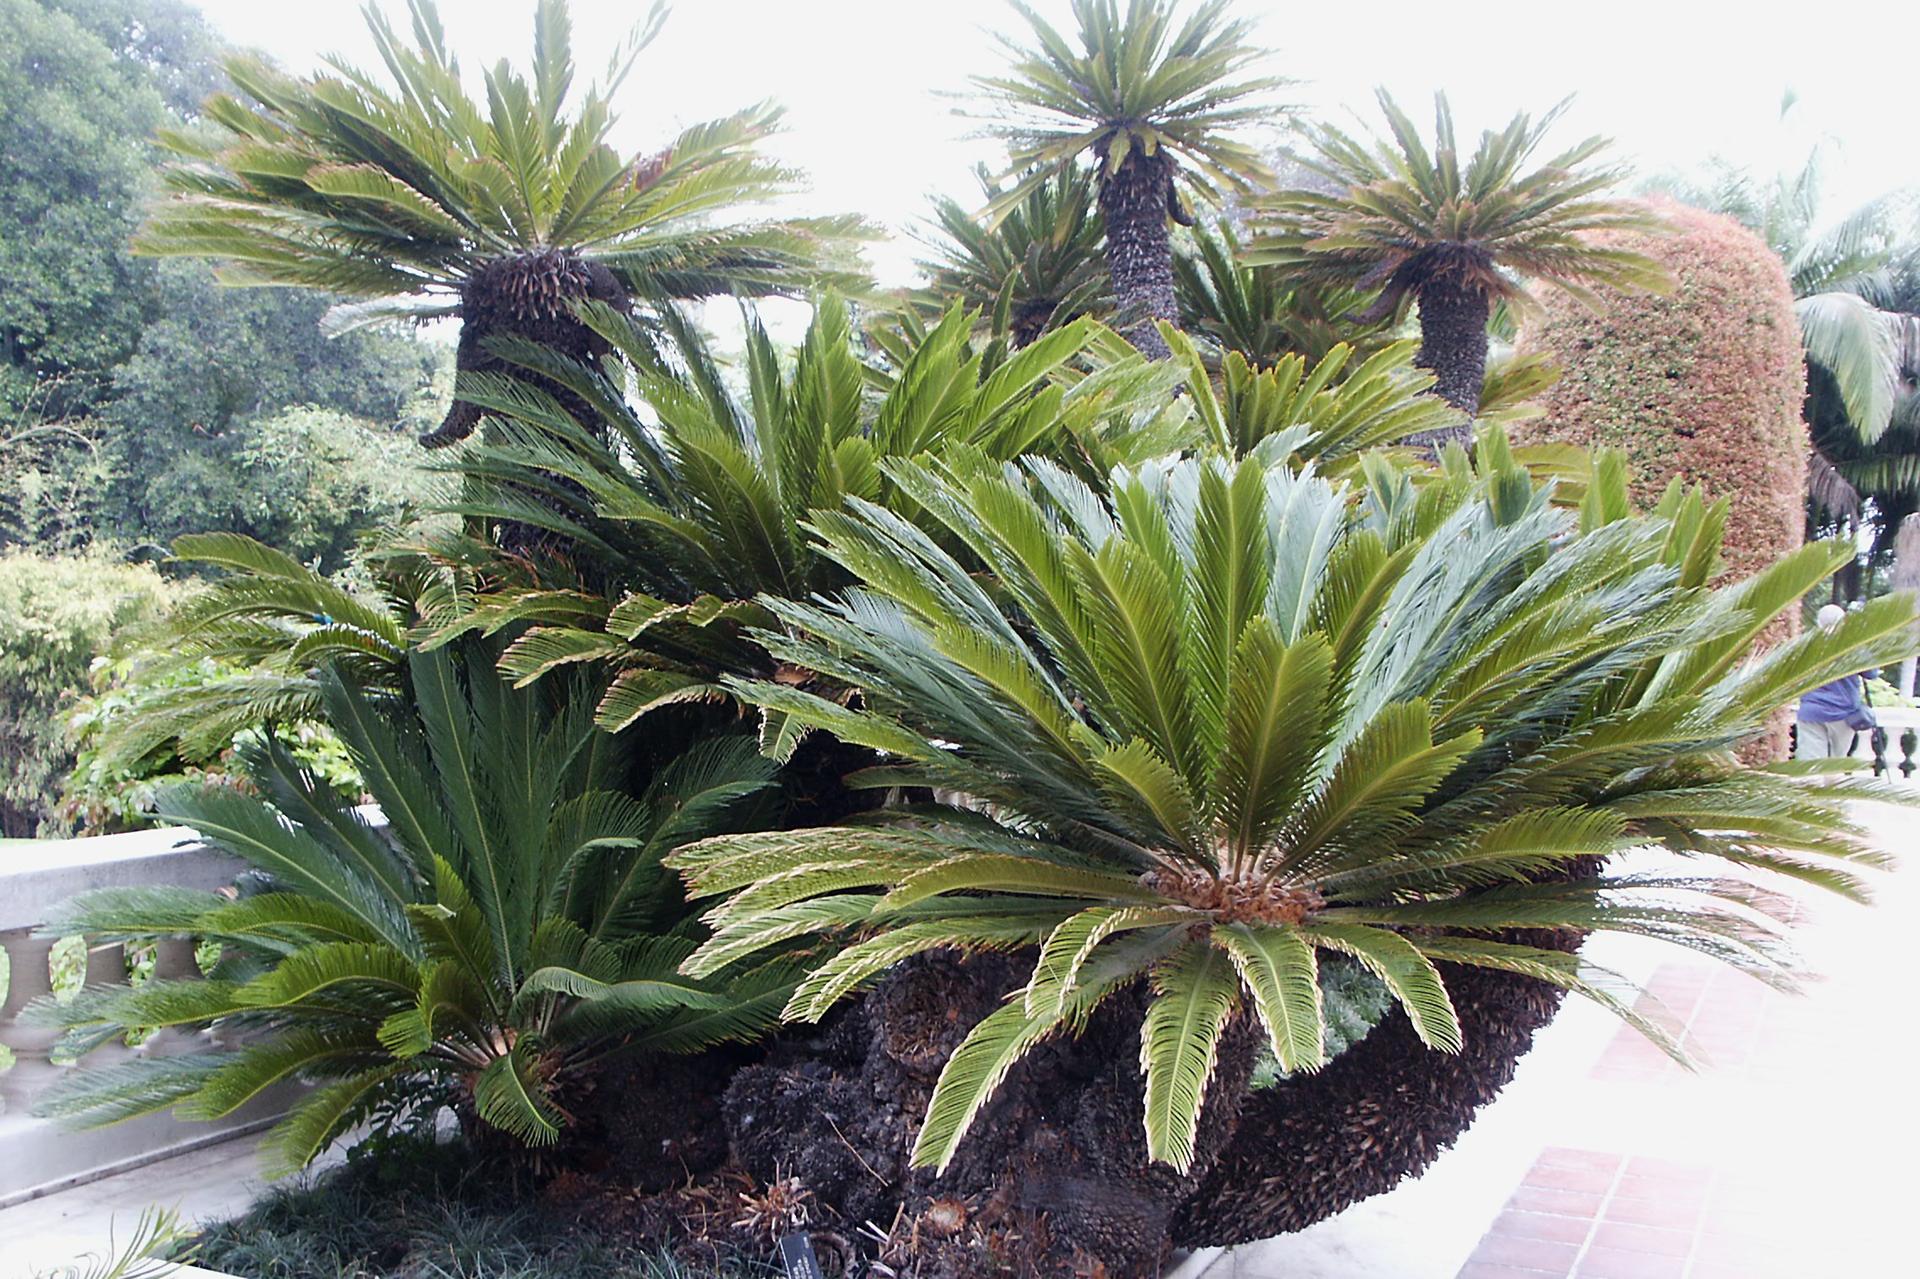 Fotografia przedstawia kilka roślin ociemnobrązowych łodygach ipióropuszach pierzastych liści. To sagowce, tu hodowane na tarasie, ale są też składnikami naturalnych ekosystemów. Wtle inne drzewa.